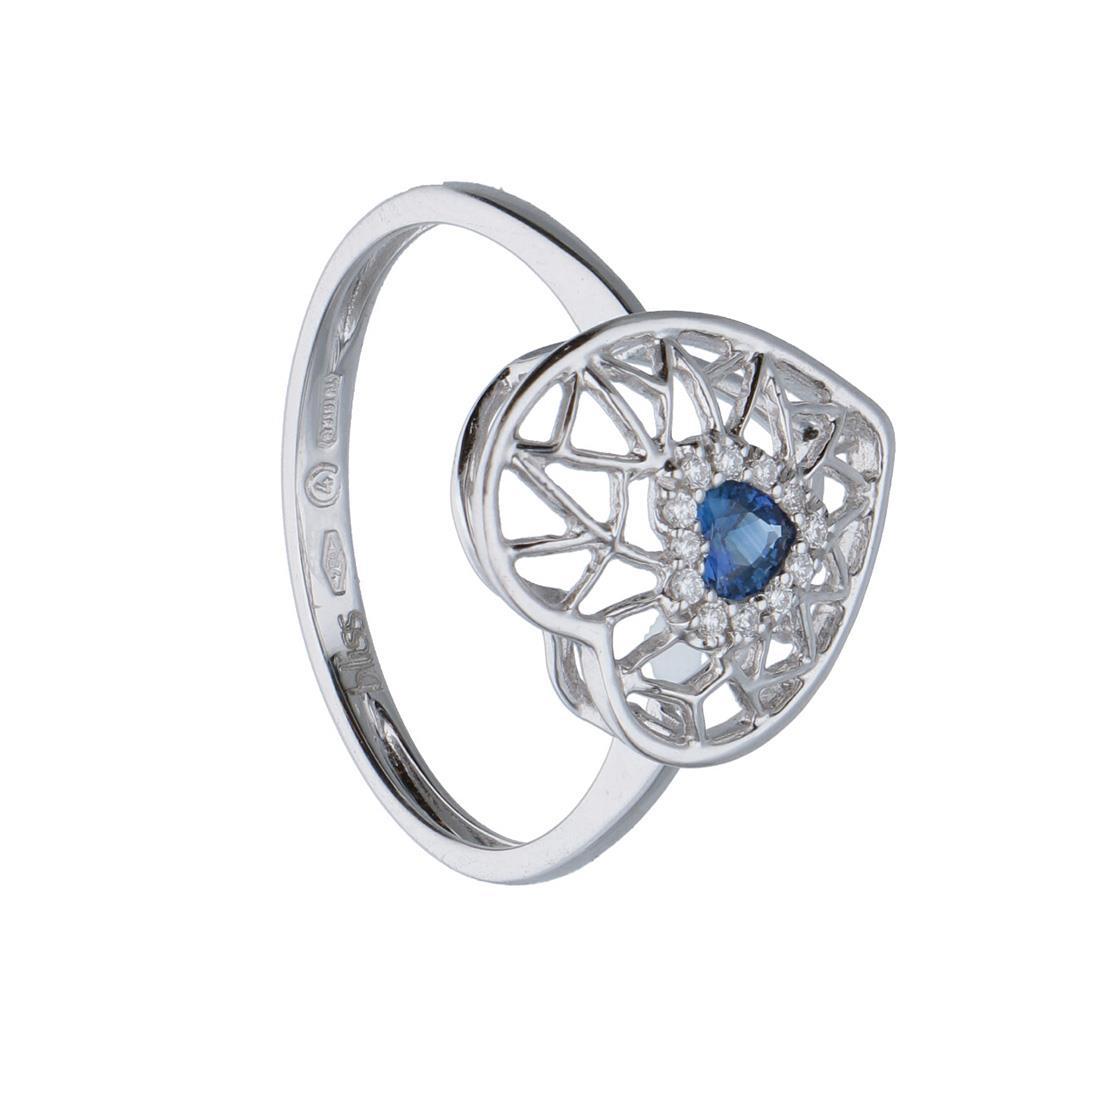 Anello design in oro bianco con diamanti ct 0.04 e zaffiri mis 13.5  - BLISS